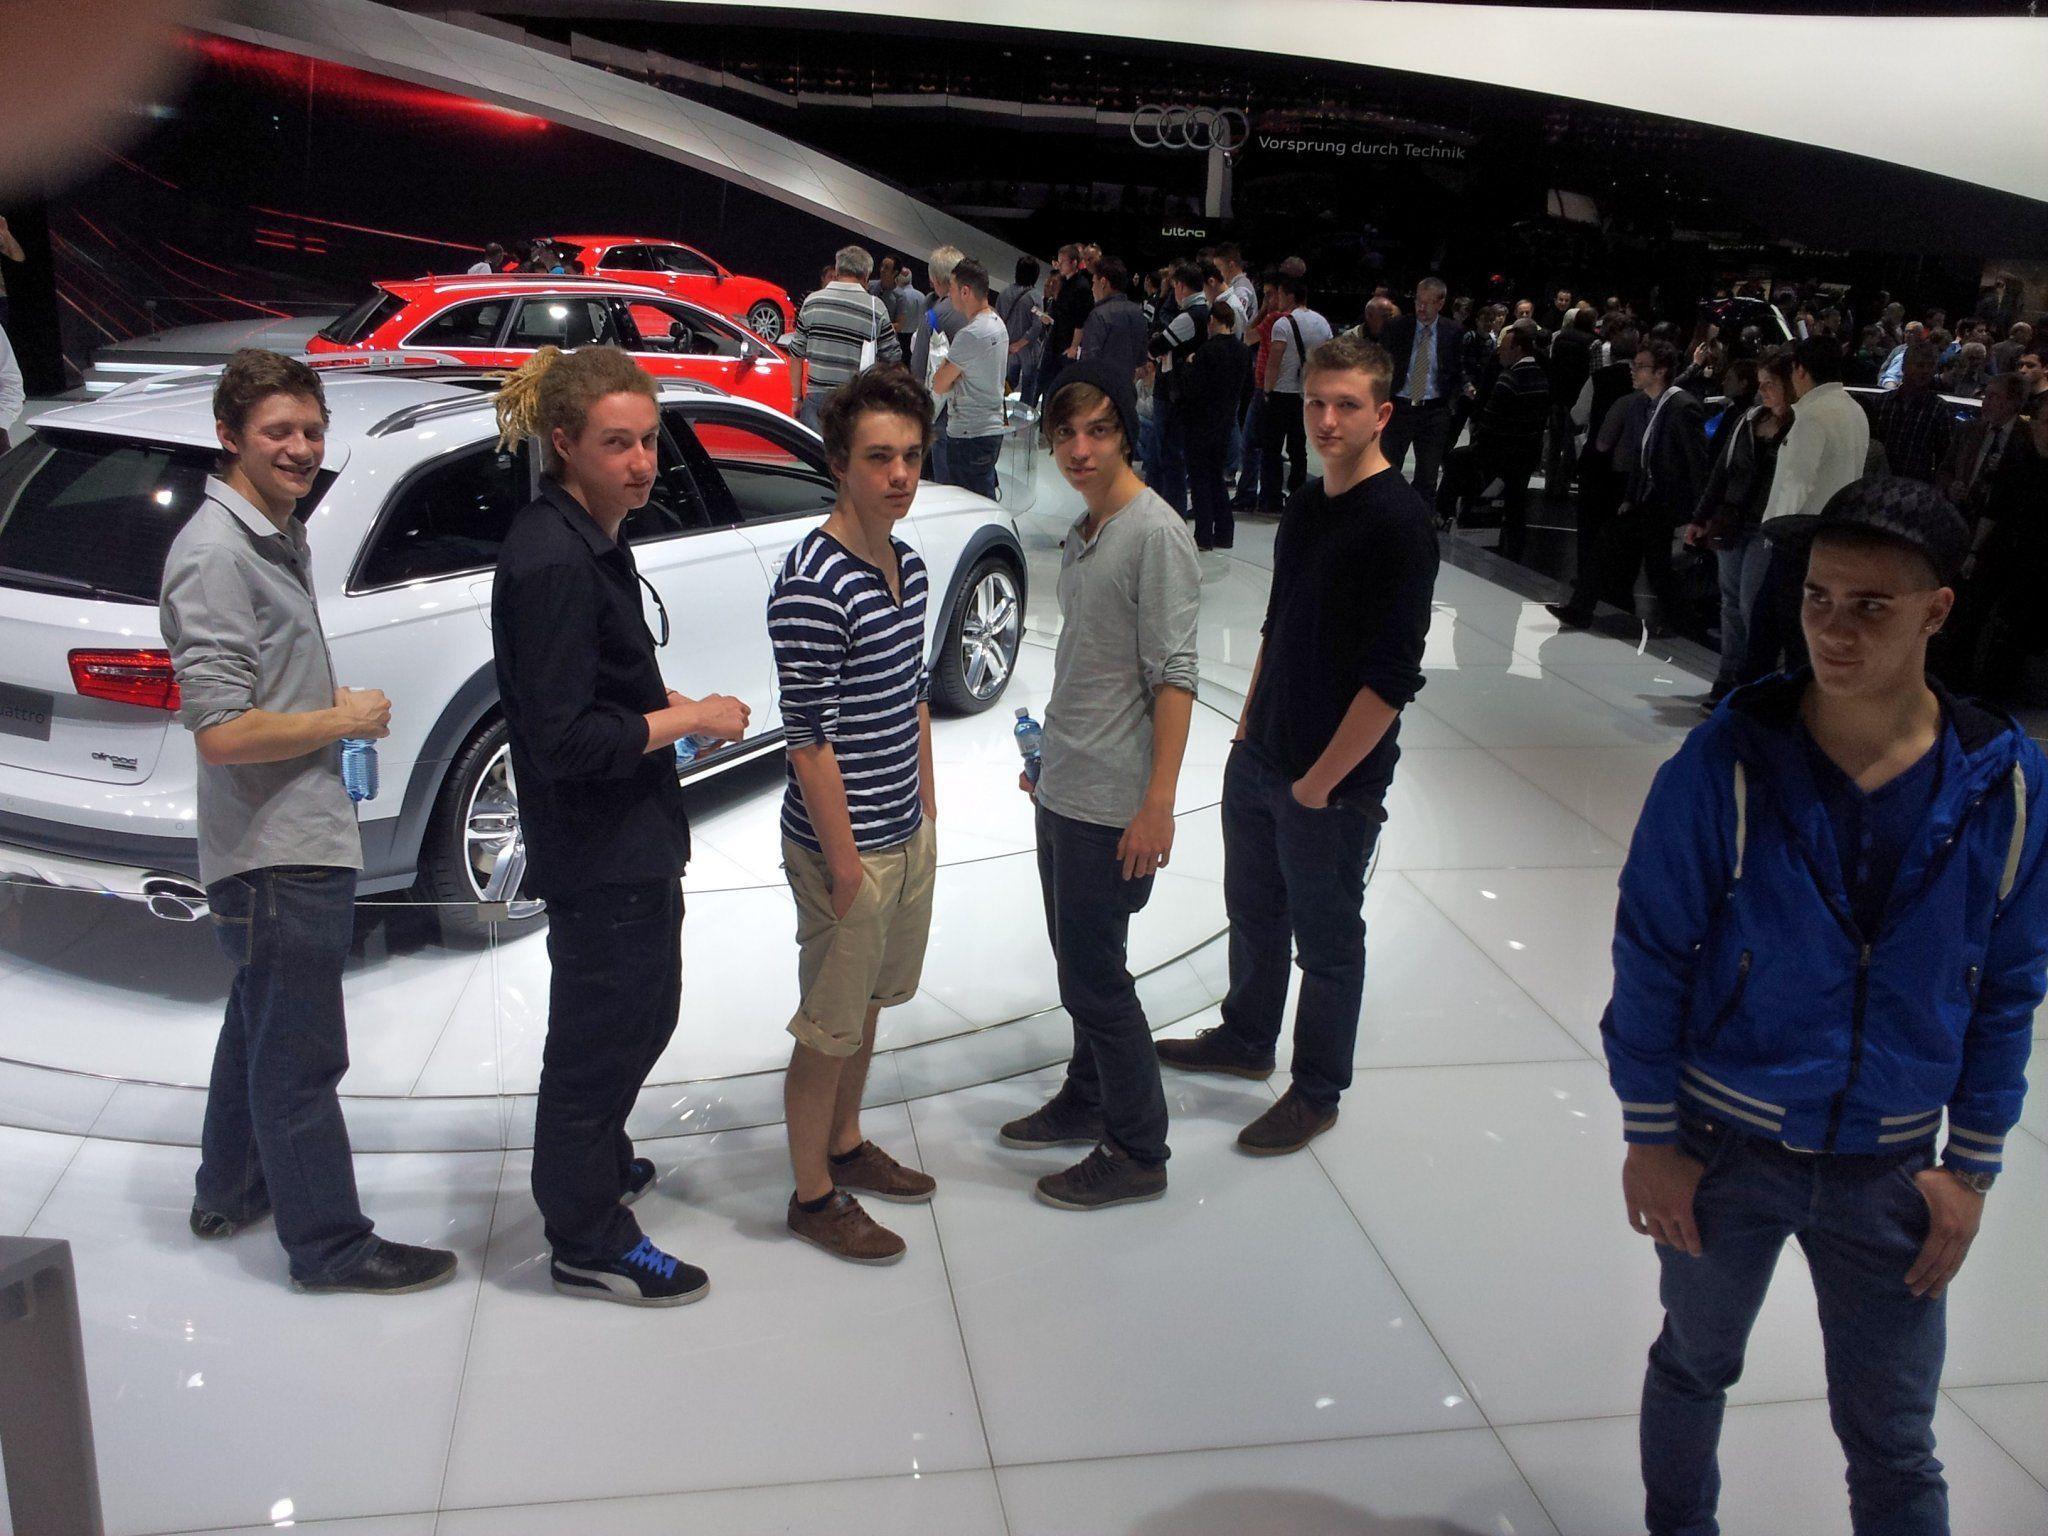 Die Schüler der HTL Dornbirn  erlebten einen unvergesslichen Tag auf dem Autosalon in Genf.